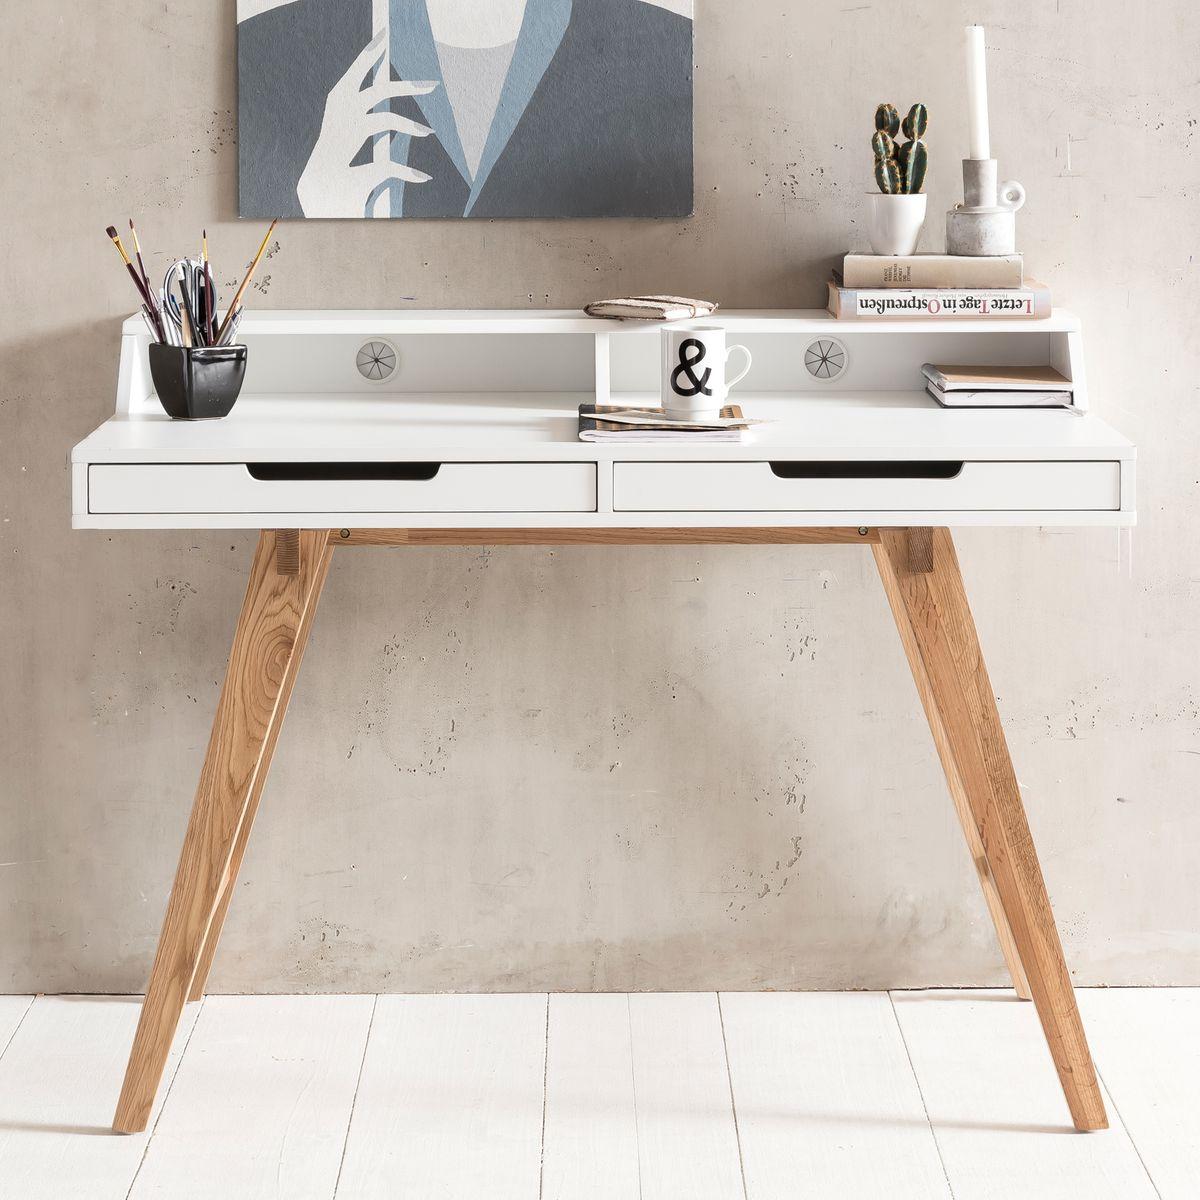 schreibtisch skandi 110 cm mdf wei arbeitstisch laptoptisch b rotisch ablage ebay. Black Bedroom Furniture Sets. Home Design Ideas